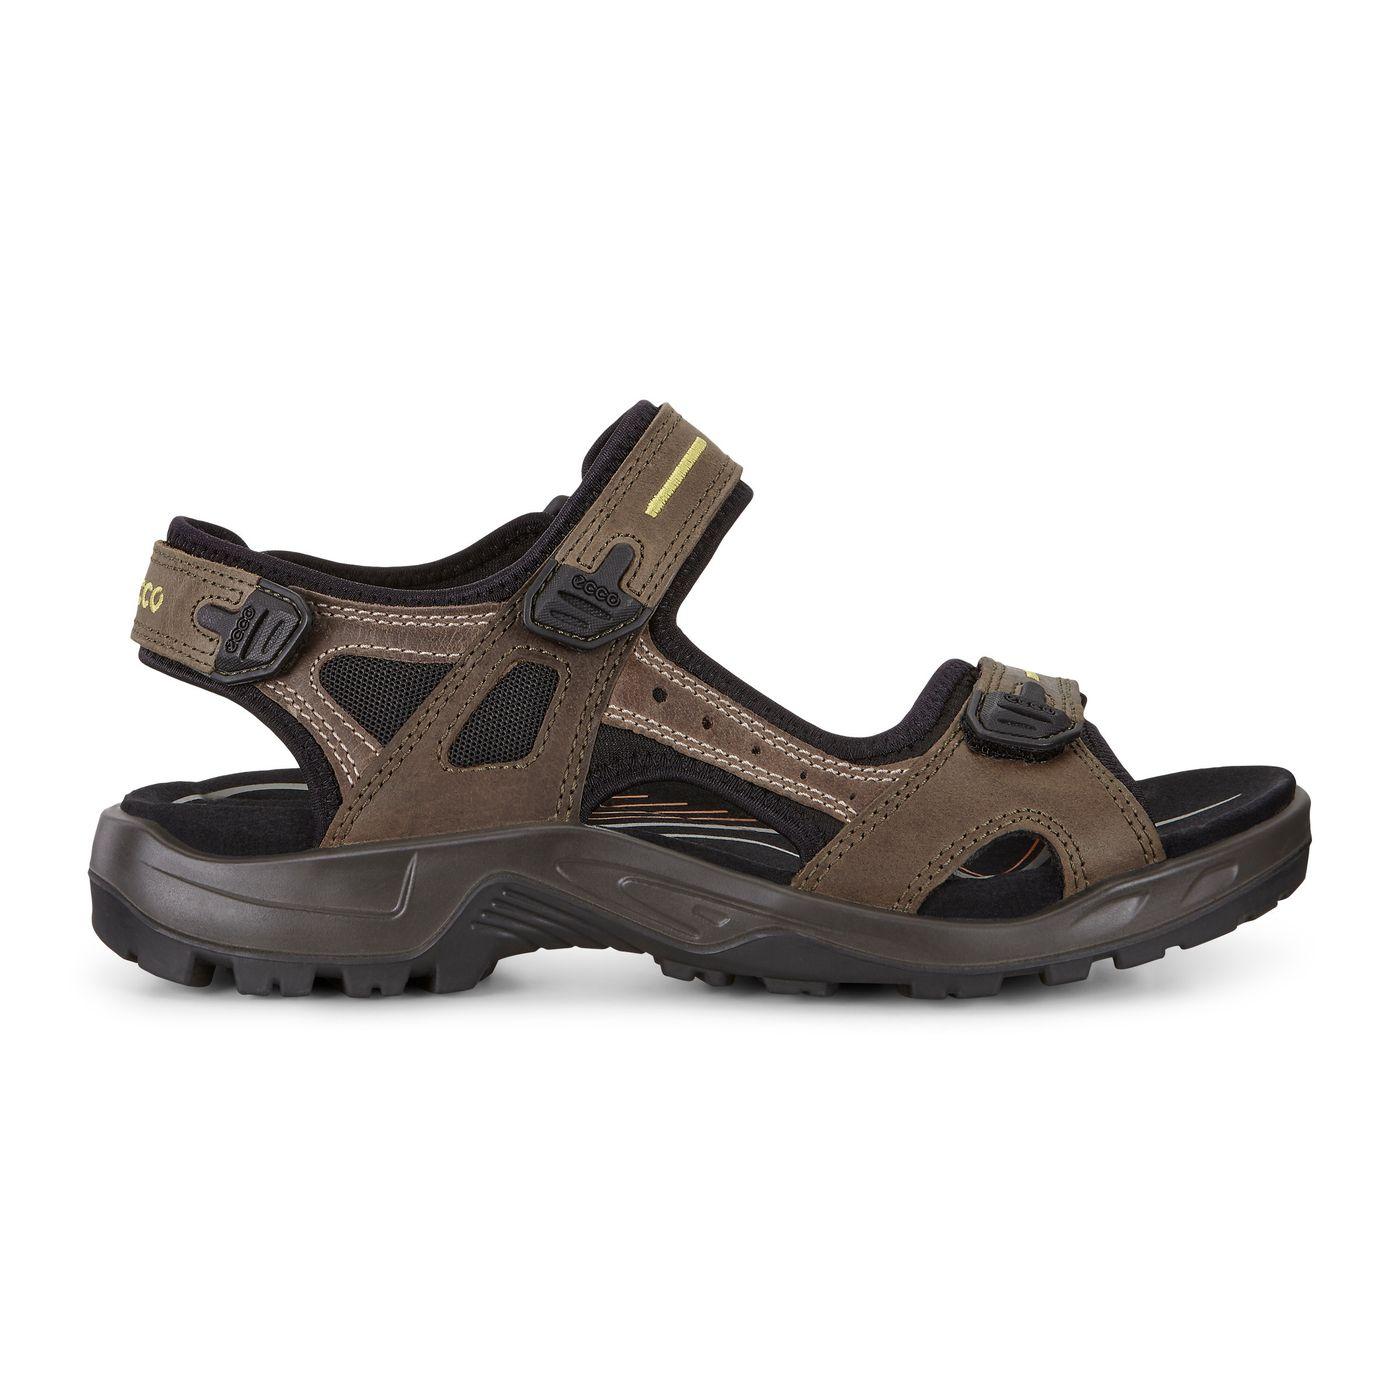 ECCO Yucatan Sandals Men's